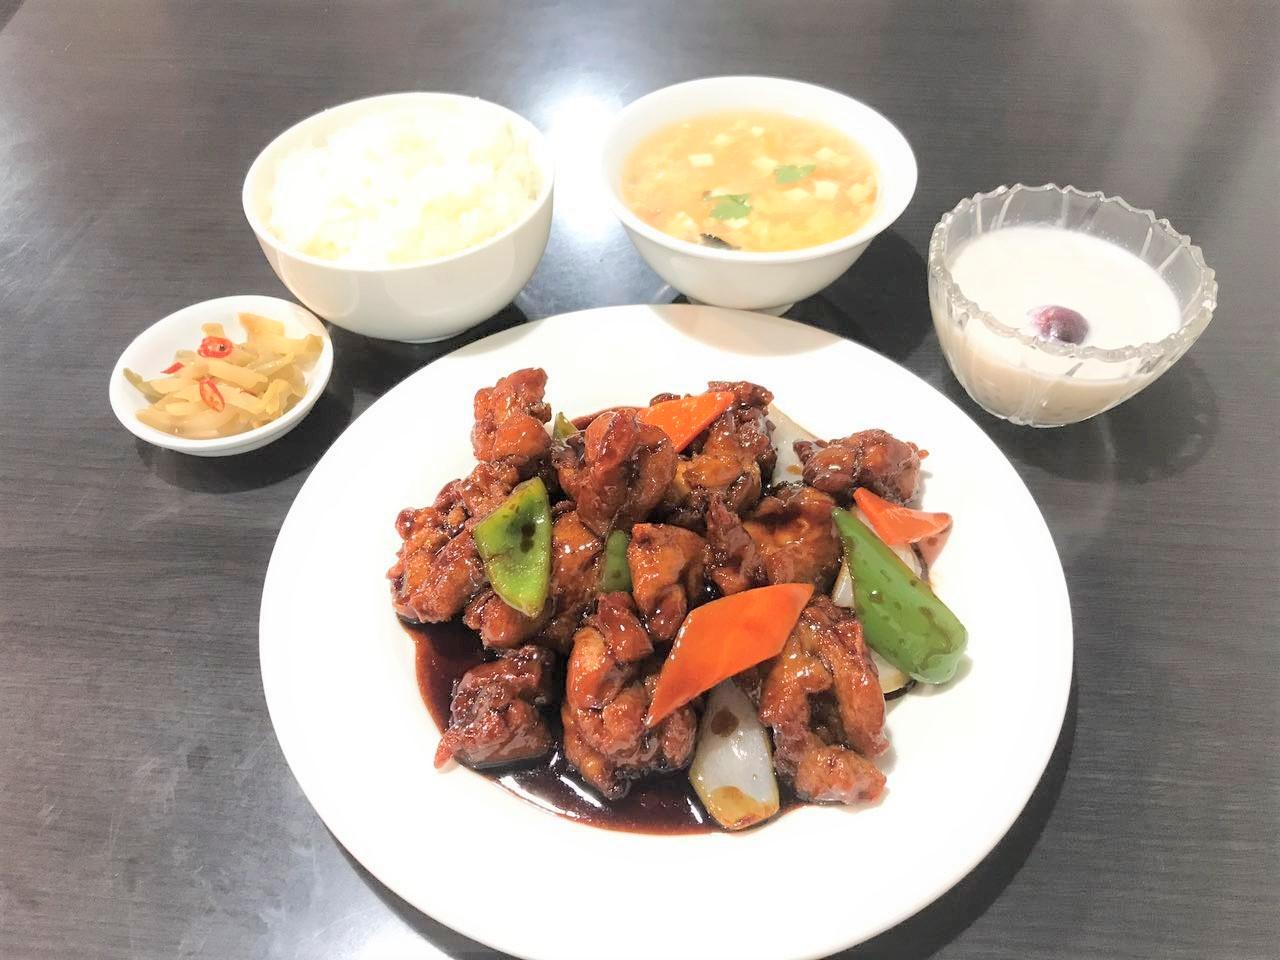 黒酢鶏(鶏肉の黒酢炒め)